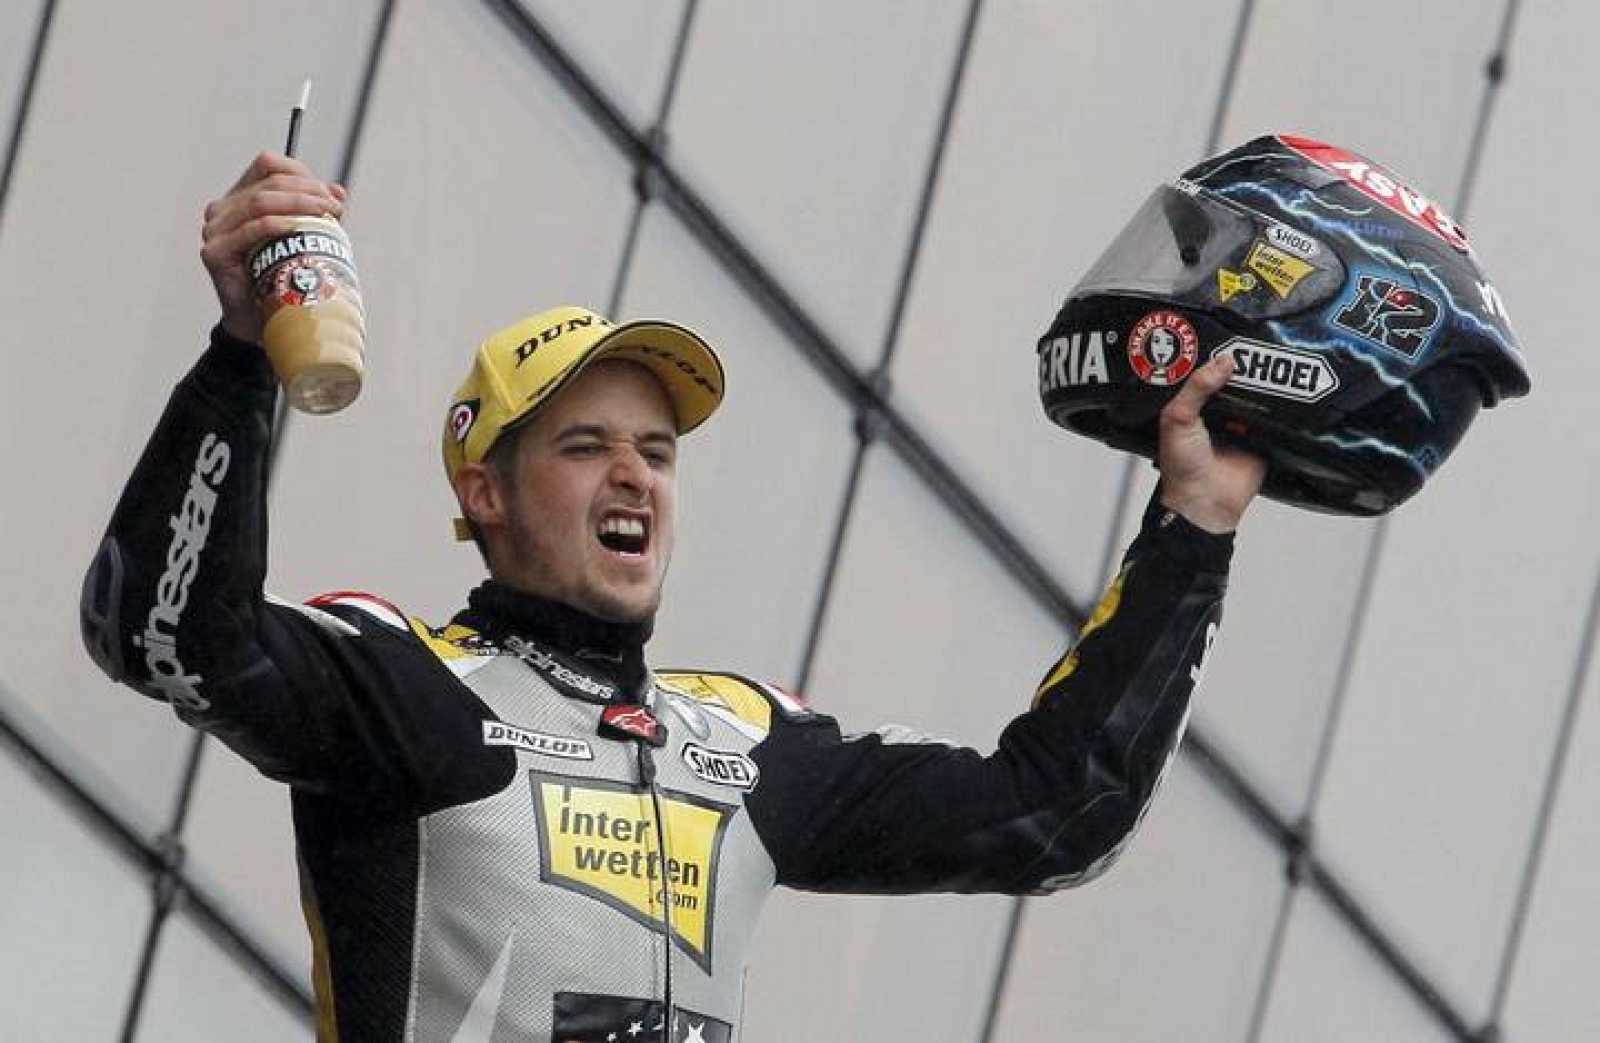 El suizo Thomas Luthi celebra la victoria en Le Mans.